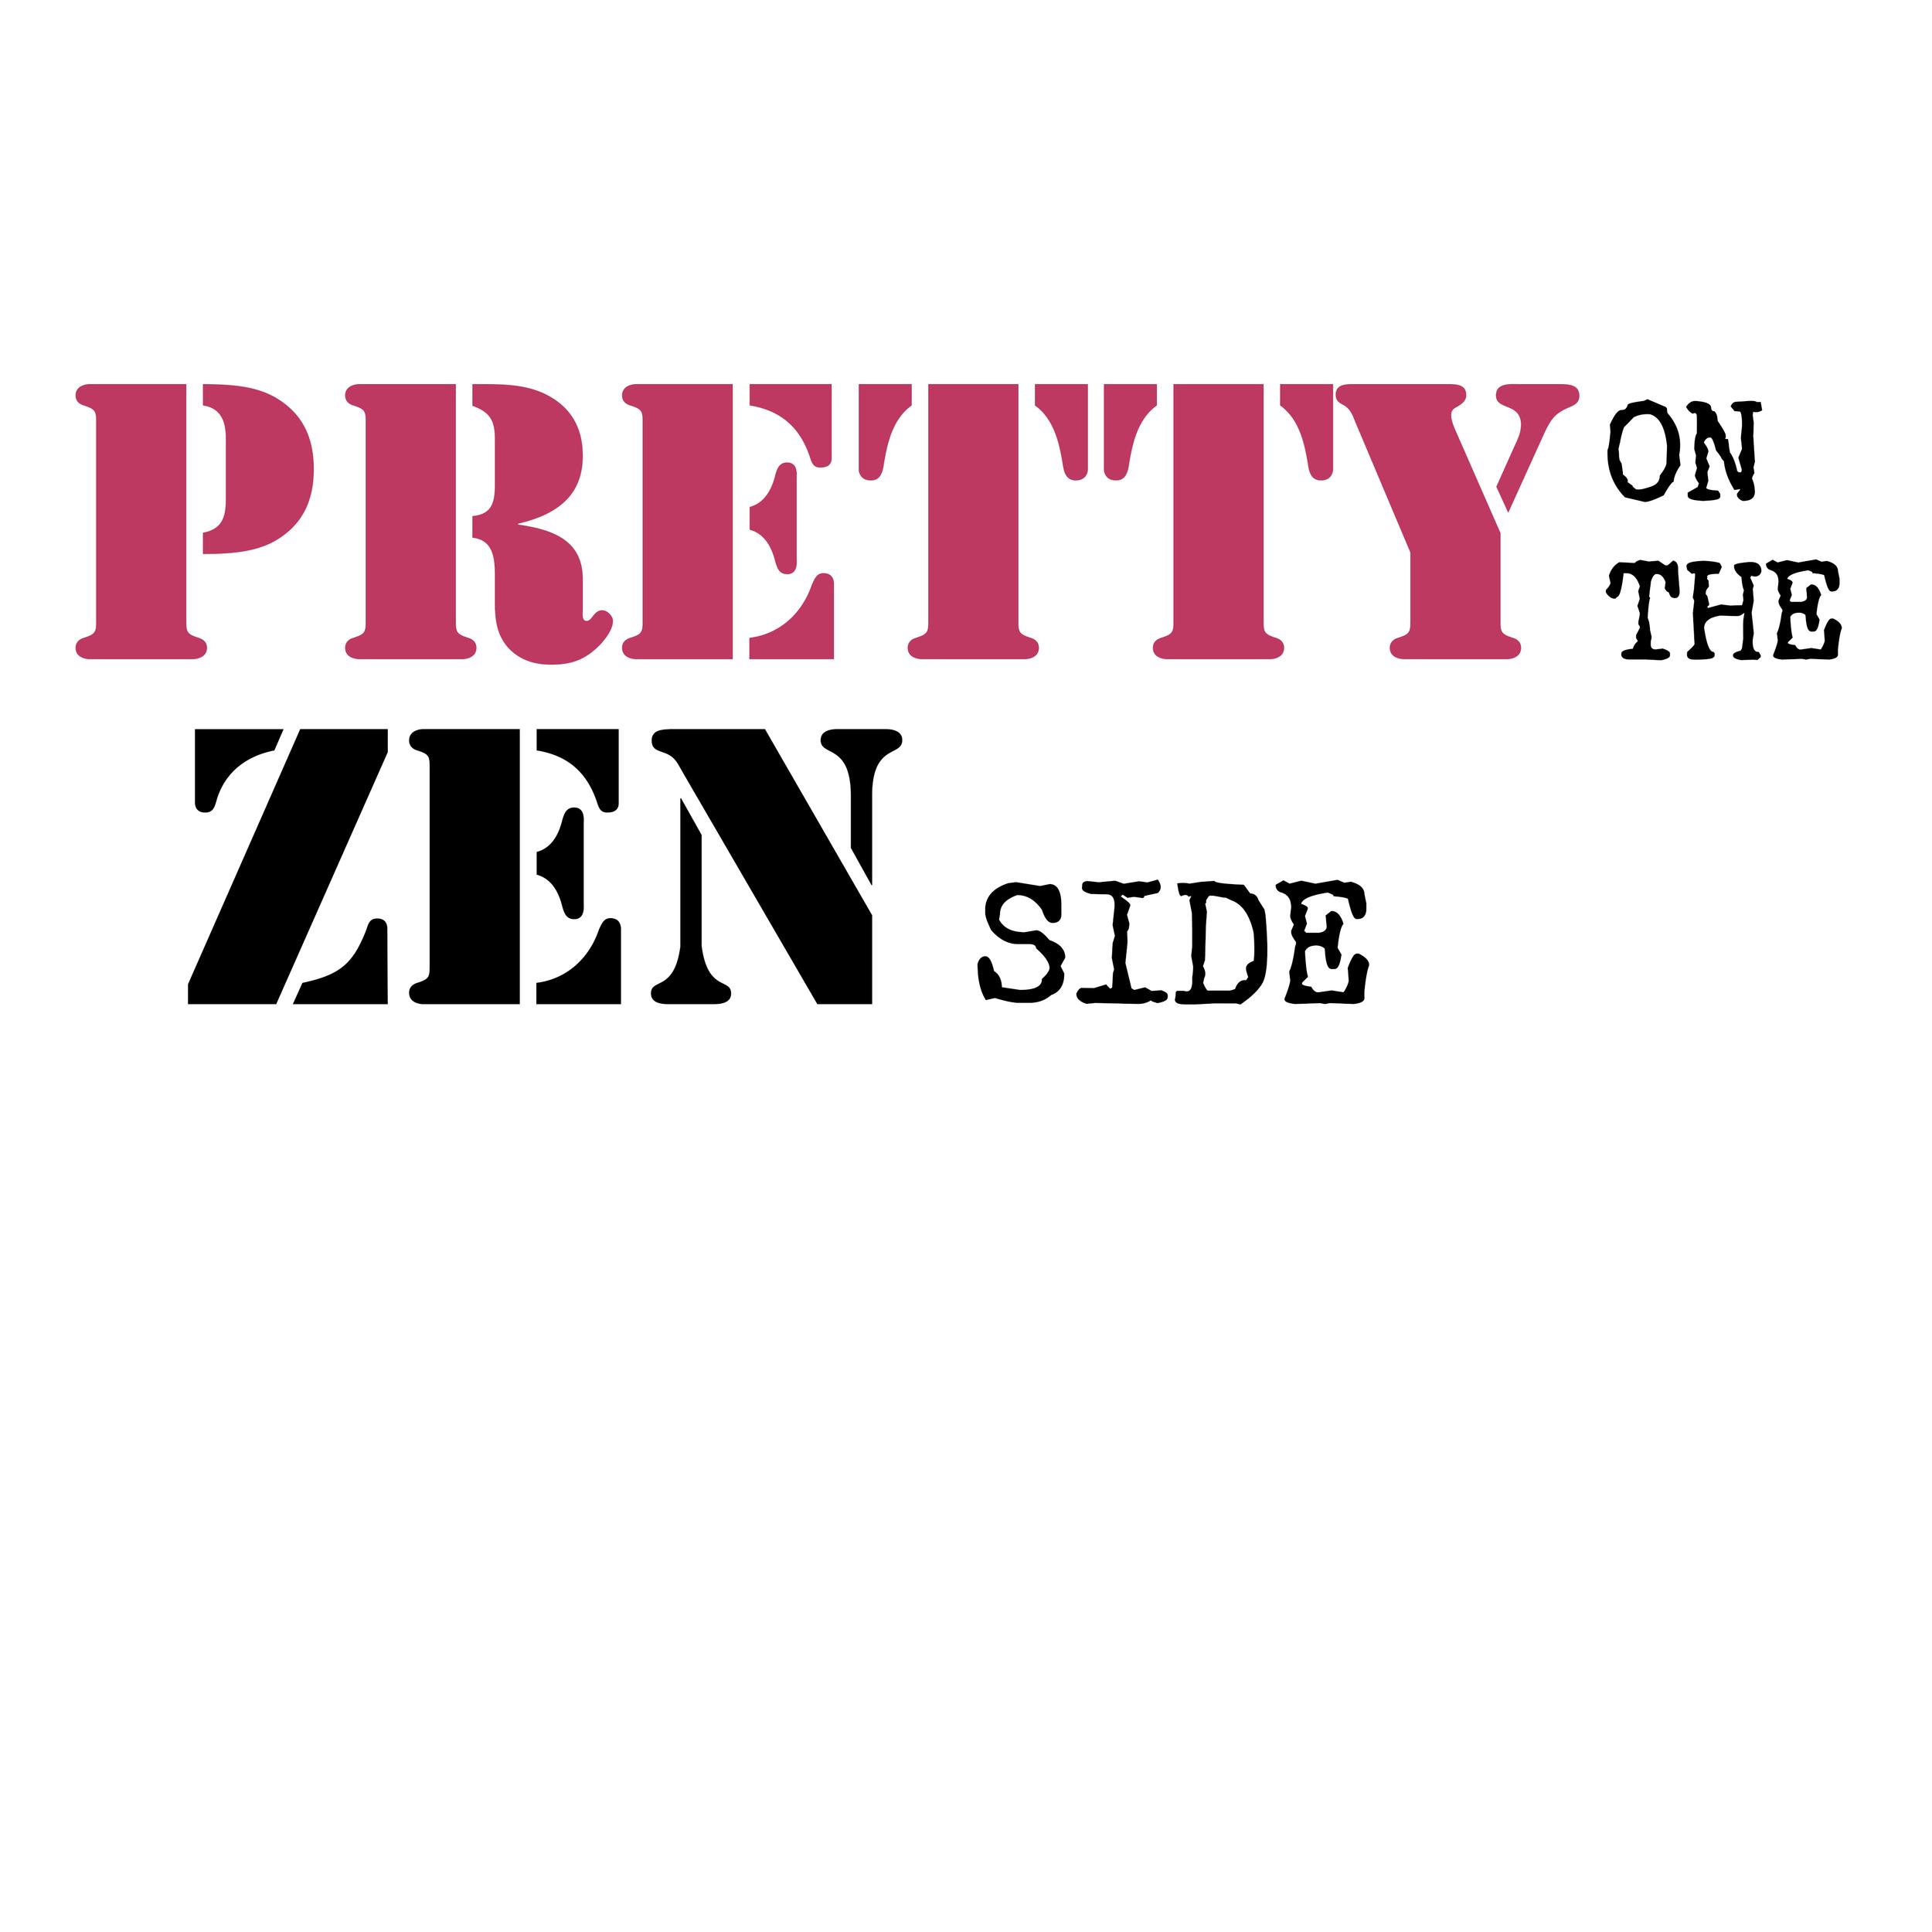 Pretty_Zenside_pink.jpg